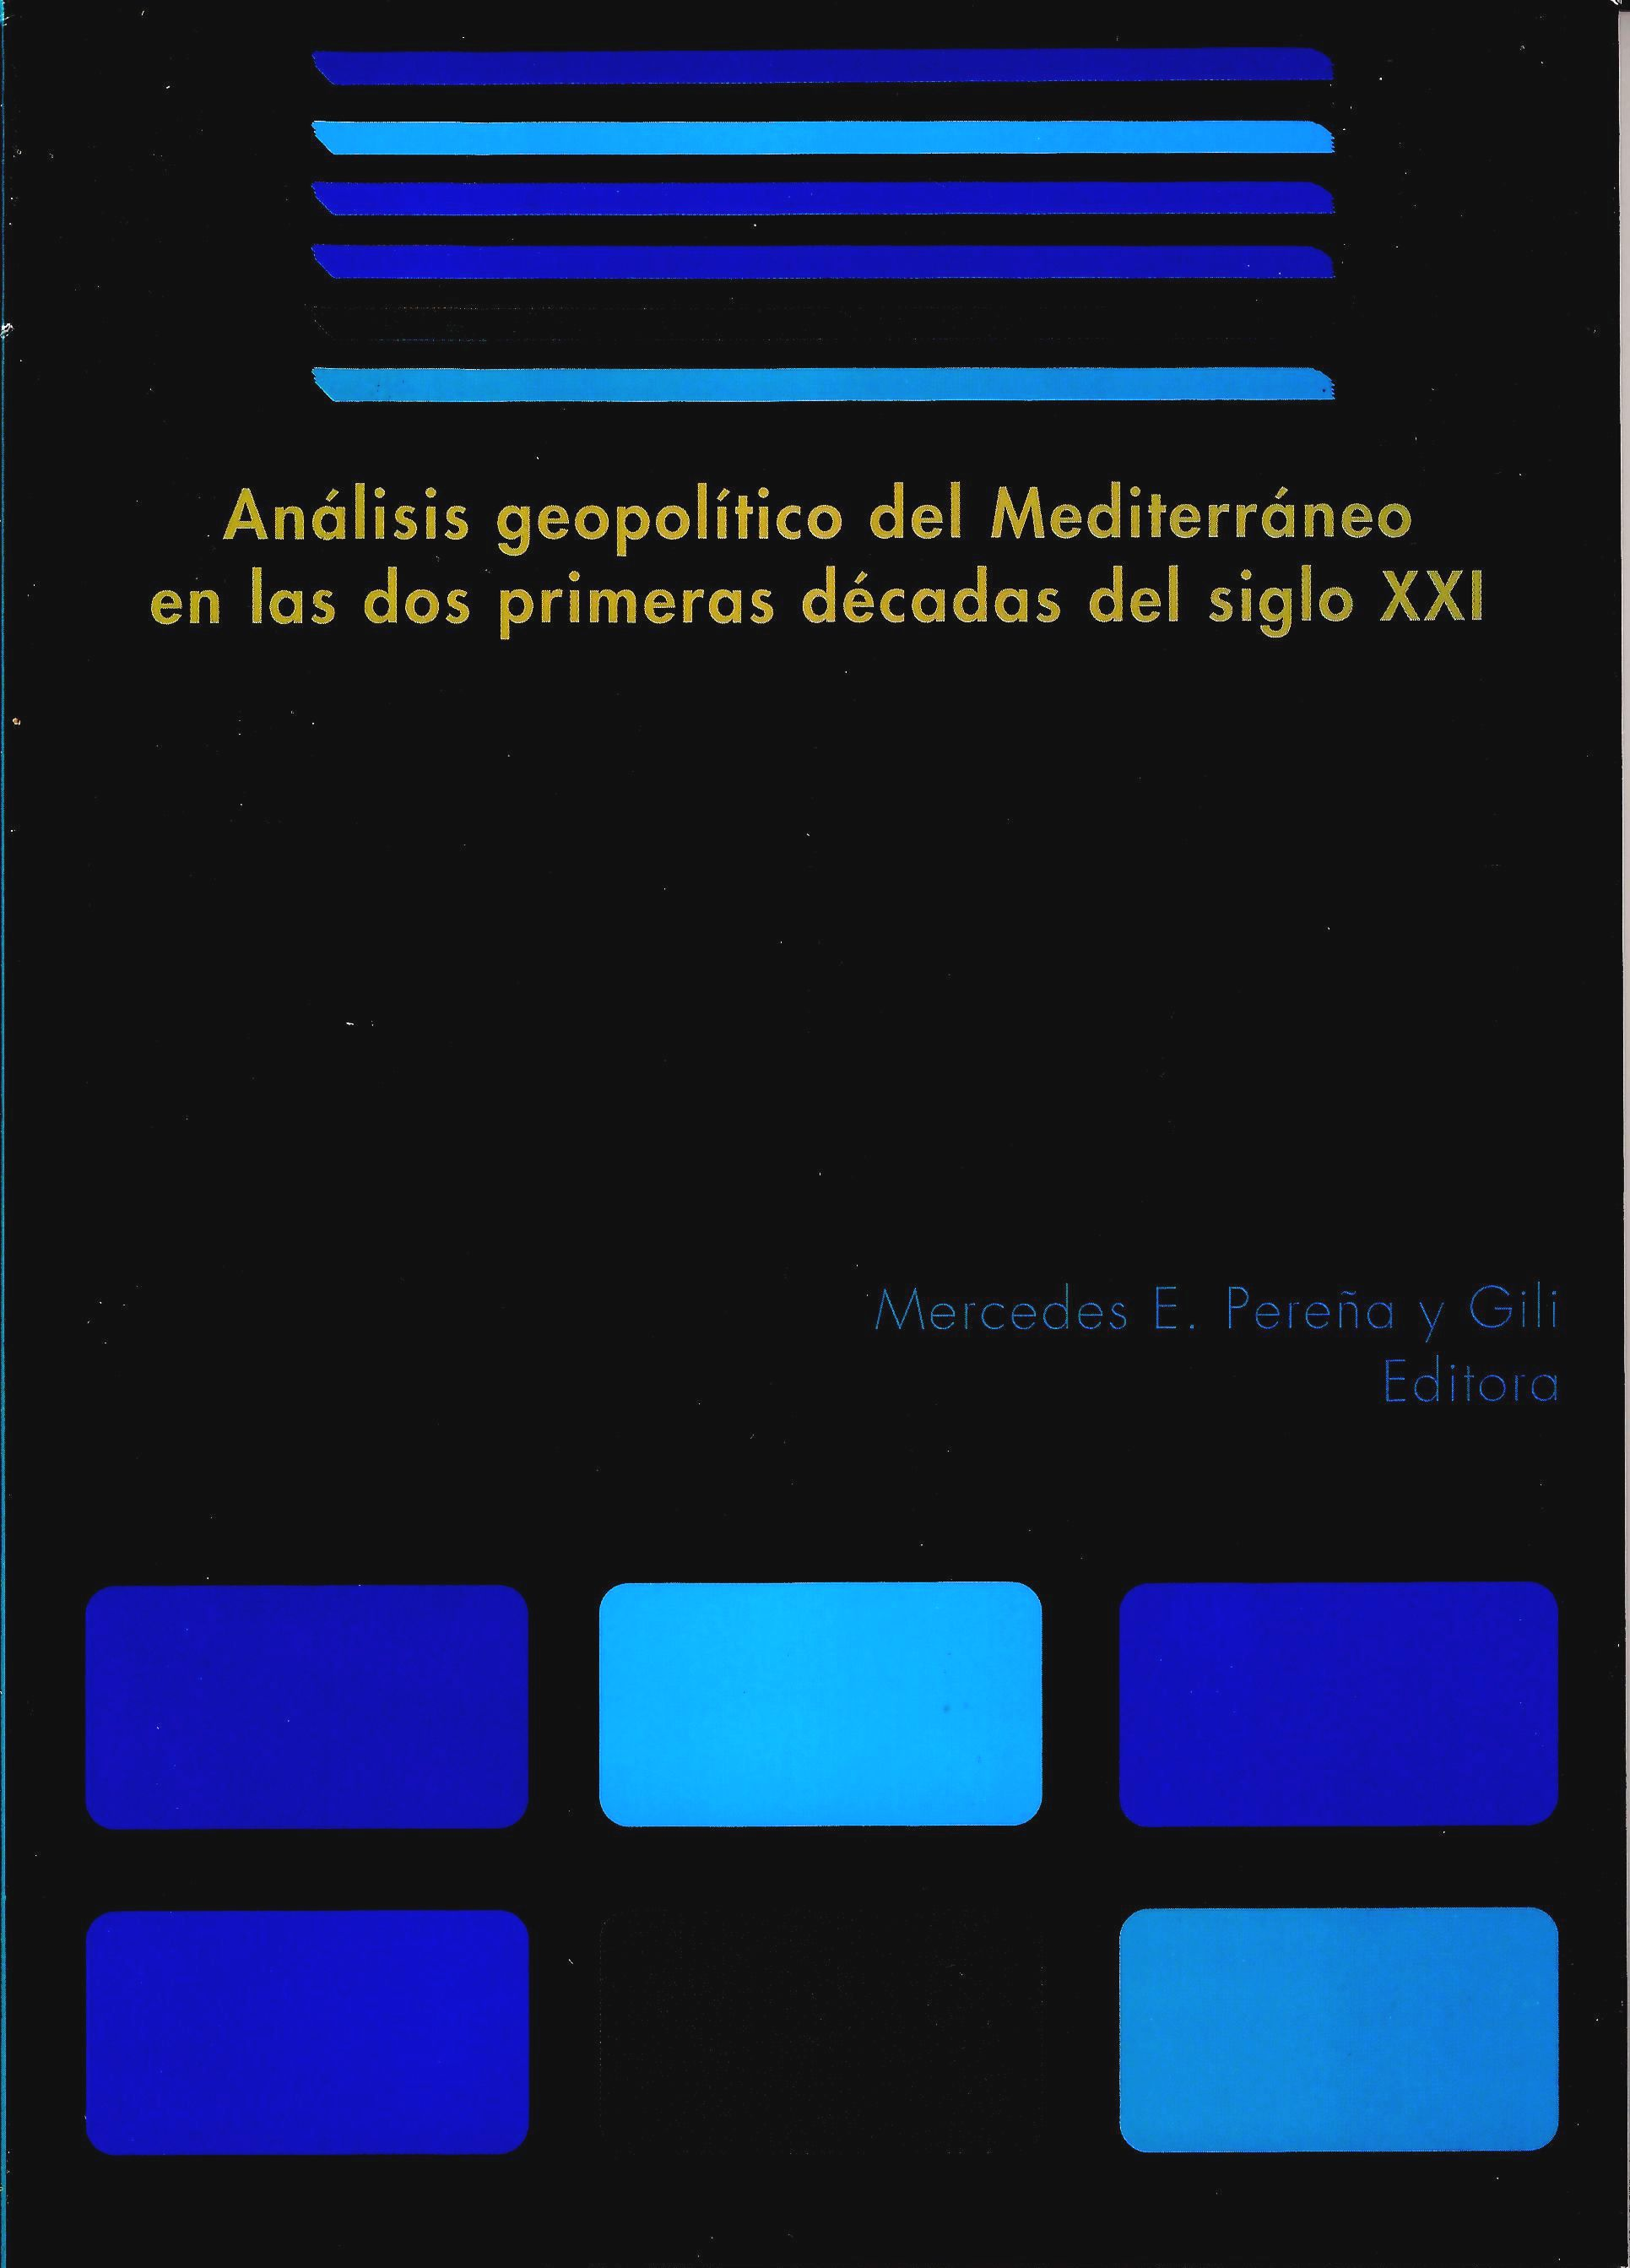 Análisis geopolítico del Mediterráneo en las dos primeras décadas del siglo XXI